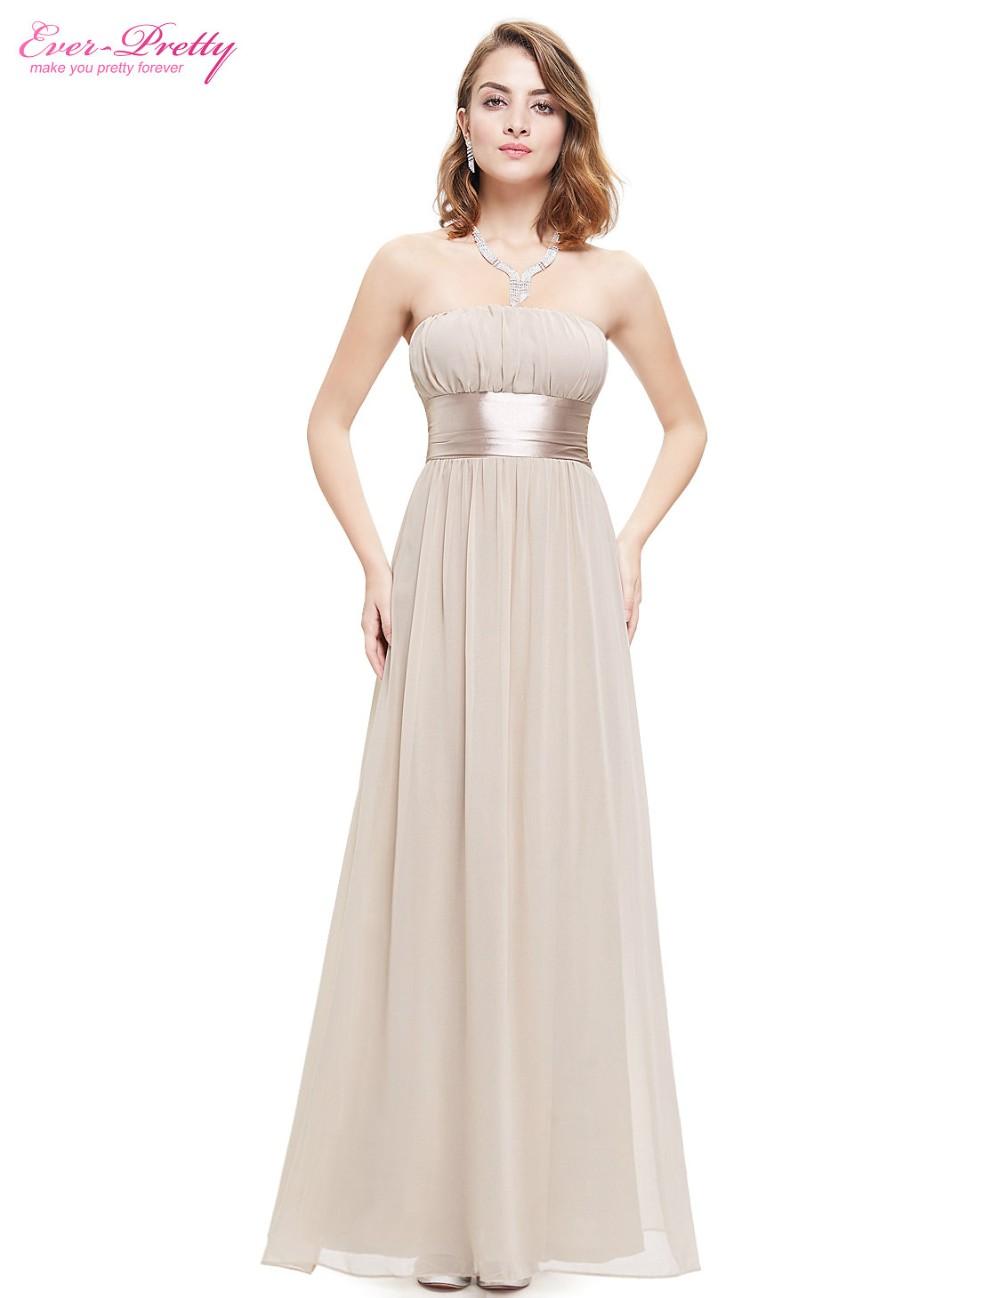 Long Bridesmaid Dress Sexy Chiffon Bow Coral Bridesmaid Dress 2016 HE09060YL Wedding Party Dress